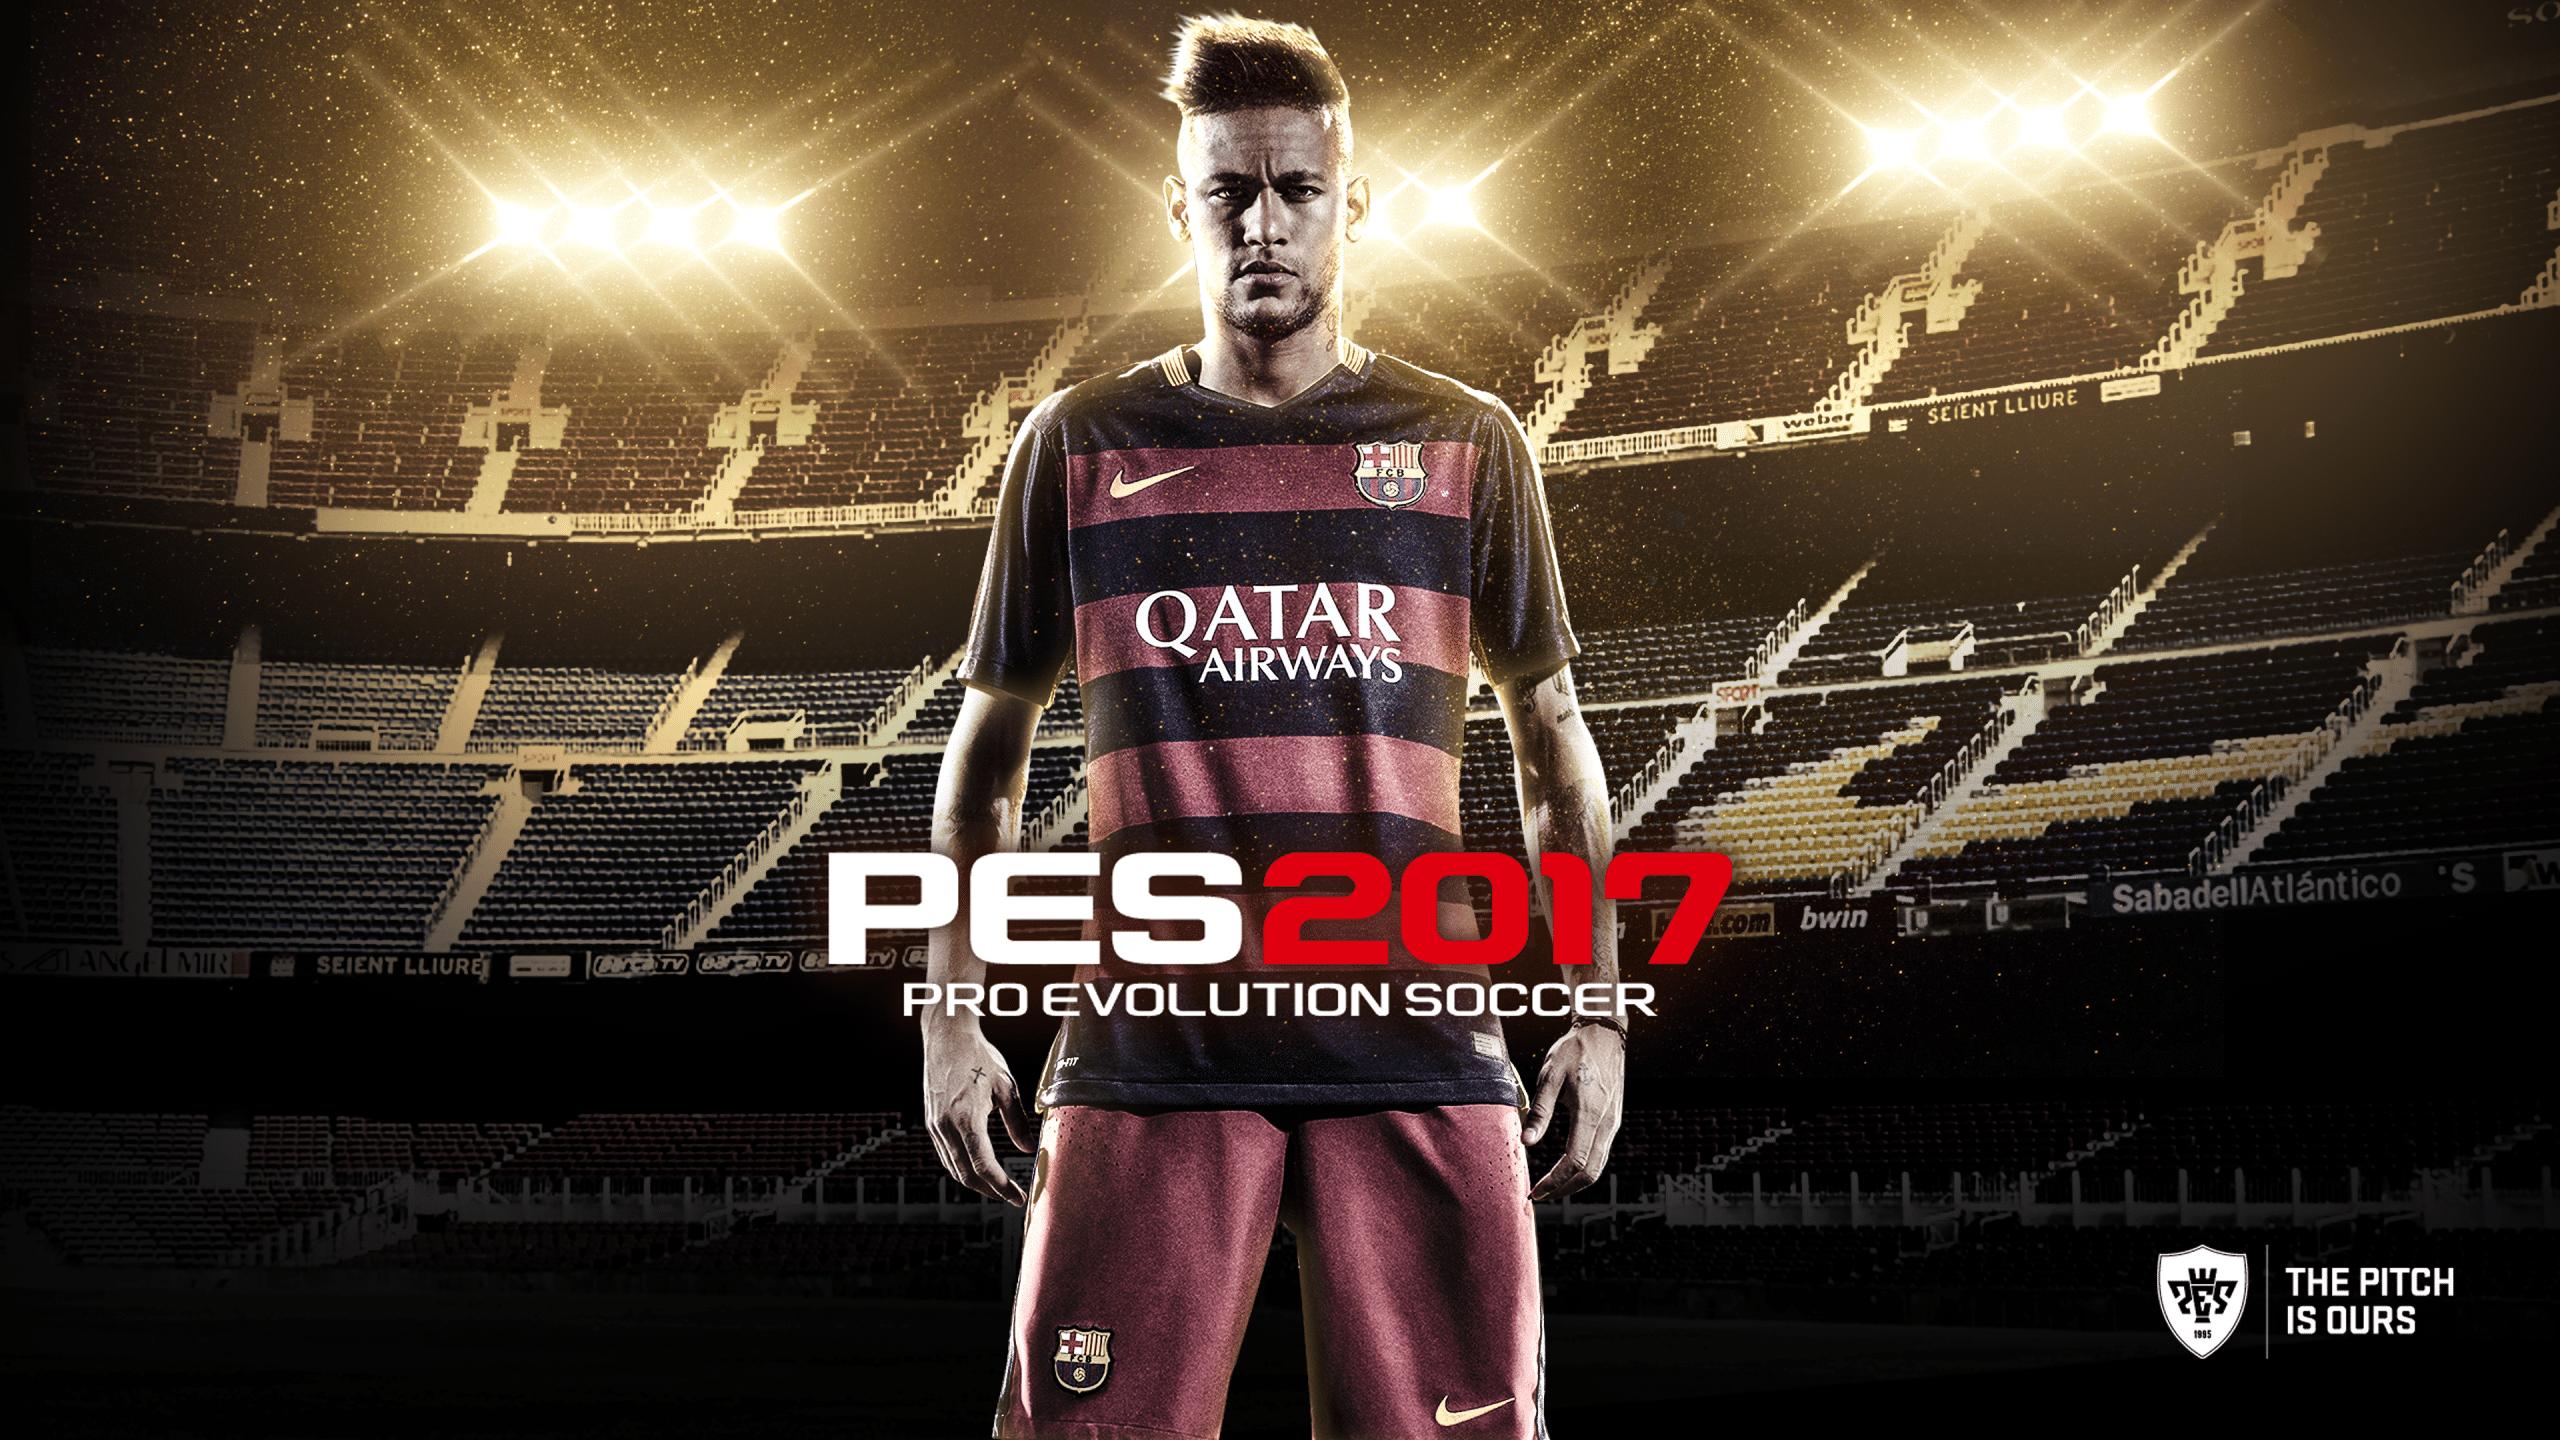 Pro Evolution Soccer 2017 telecharger gratuit de PC et Torrent